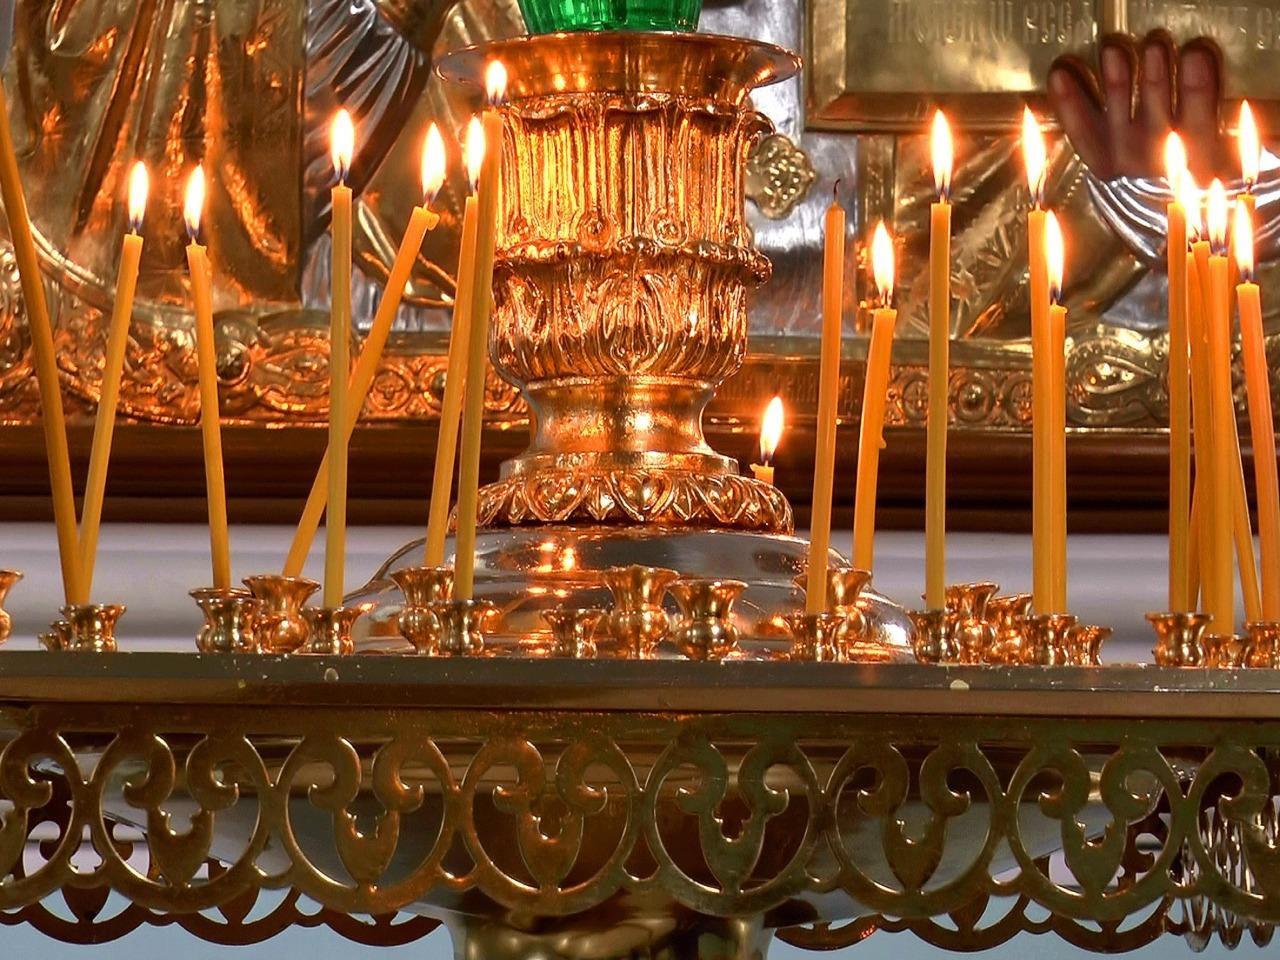 Неберджай: Кубань православная - групповая экскурсия в Анапе от опытного гида